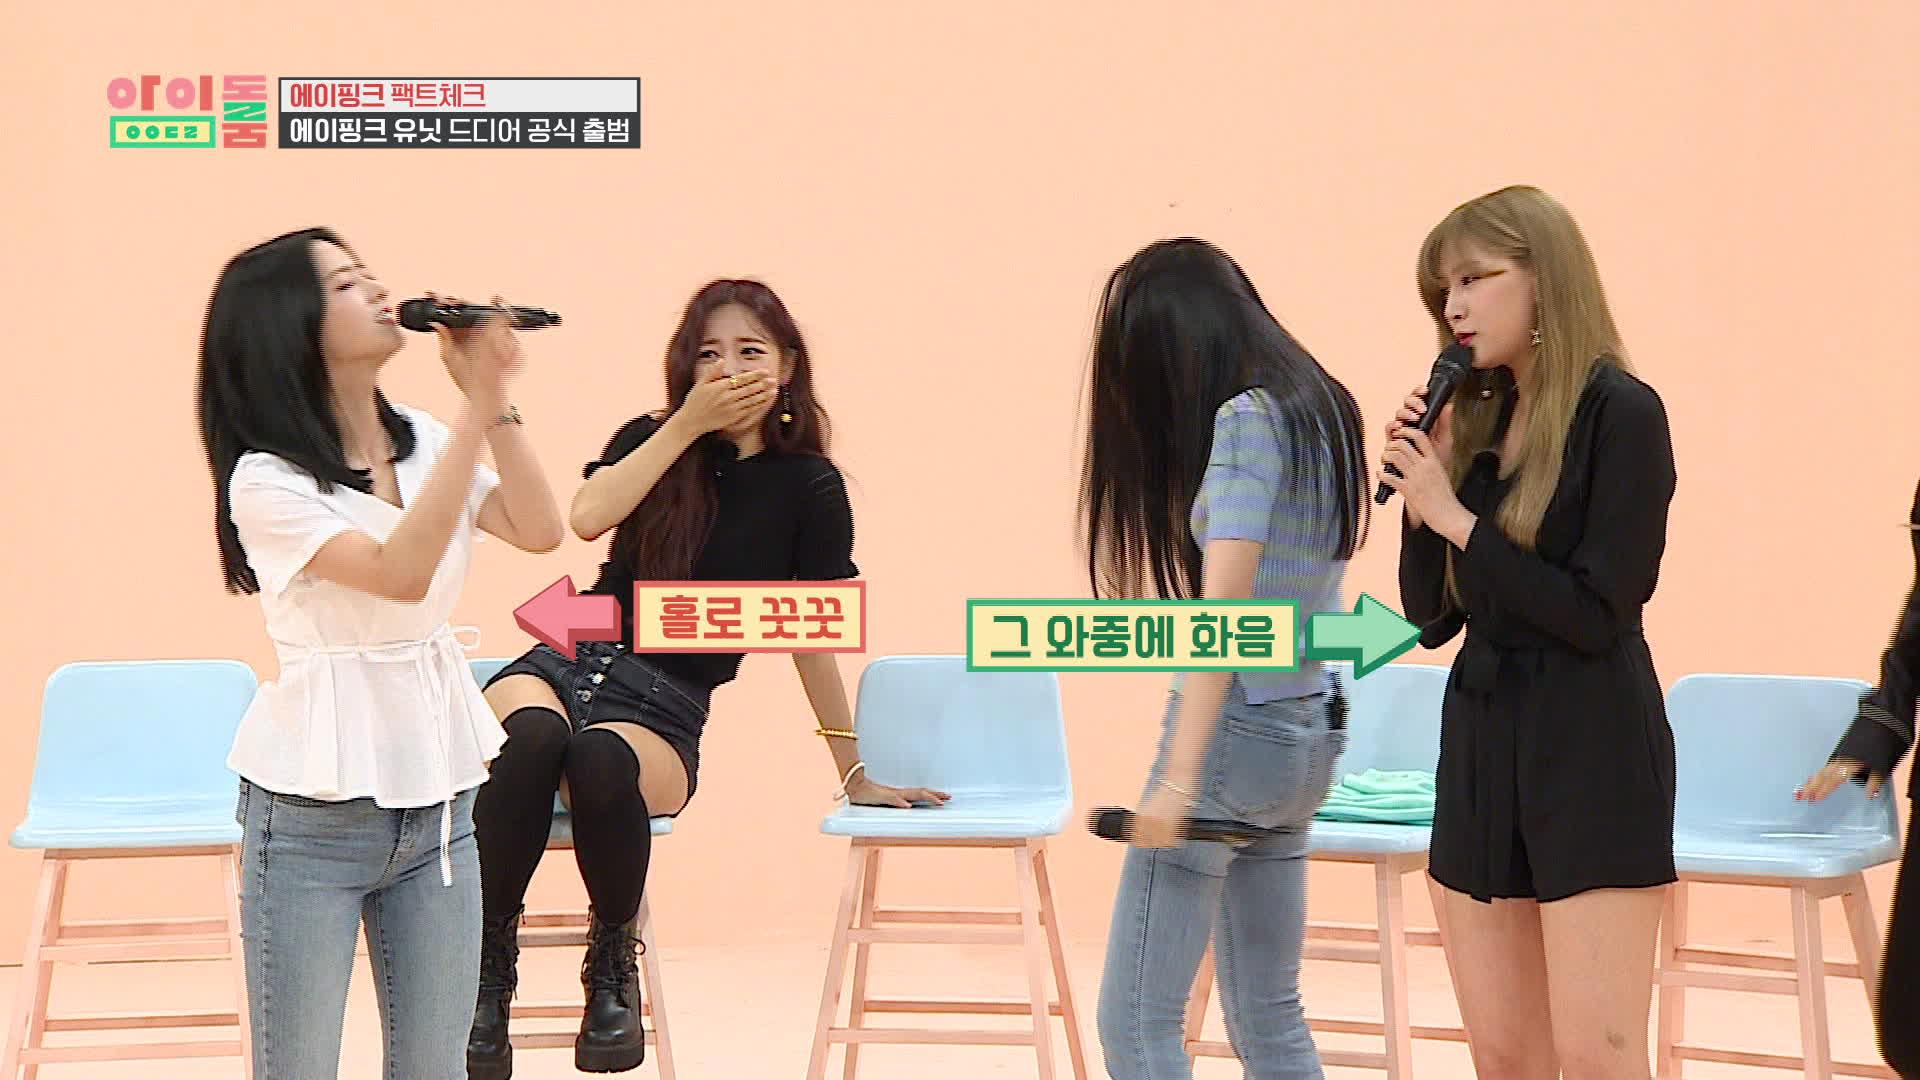 아이돌룸(IDOL ROOM) - 귀를 의심하게 하는 실력파(?) 감성 발라드 유닛 YOS! Talented(?) ballad unit YOS